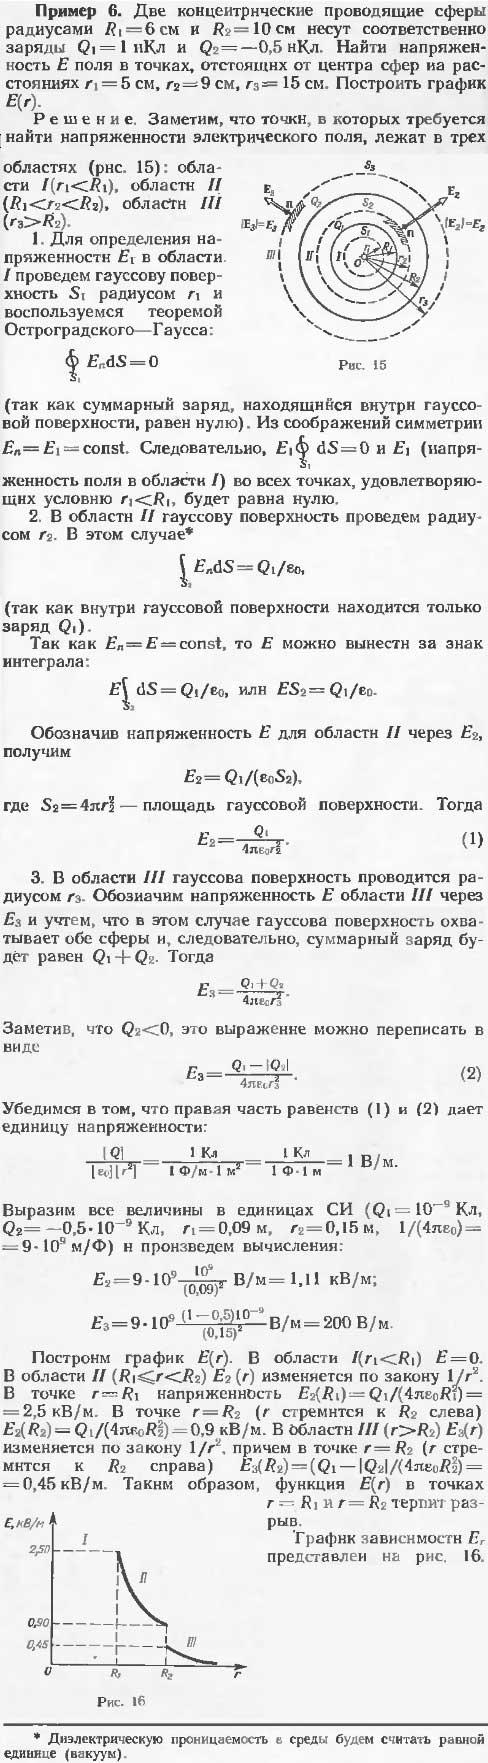 Две концентрические проводящие сферы радиусами R1=6 см и R2=10 см несут соответственно заряды 1 нКл и -0,5 нКл...., Задача 13551, Физика